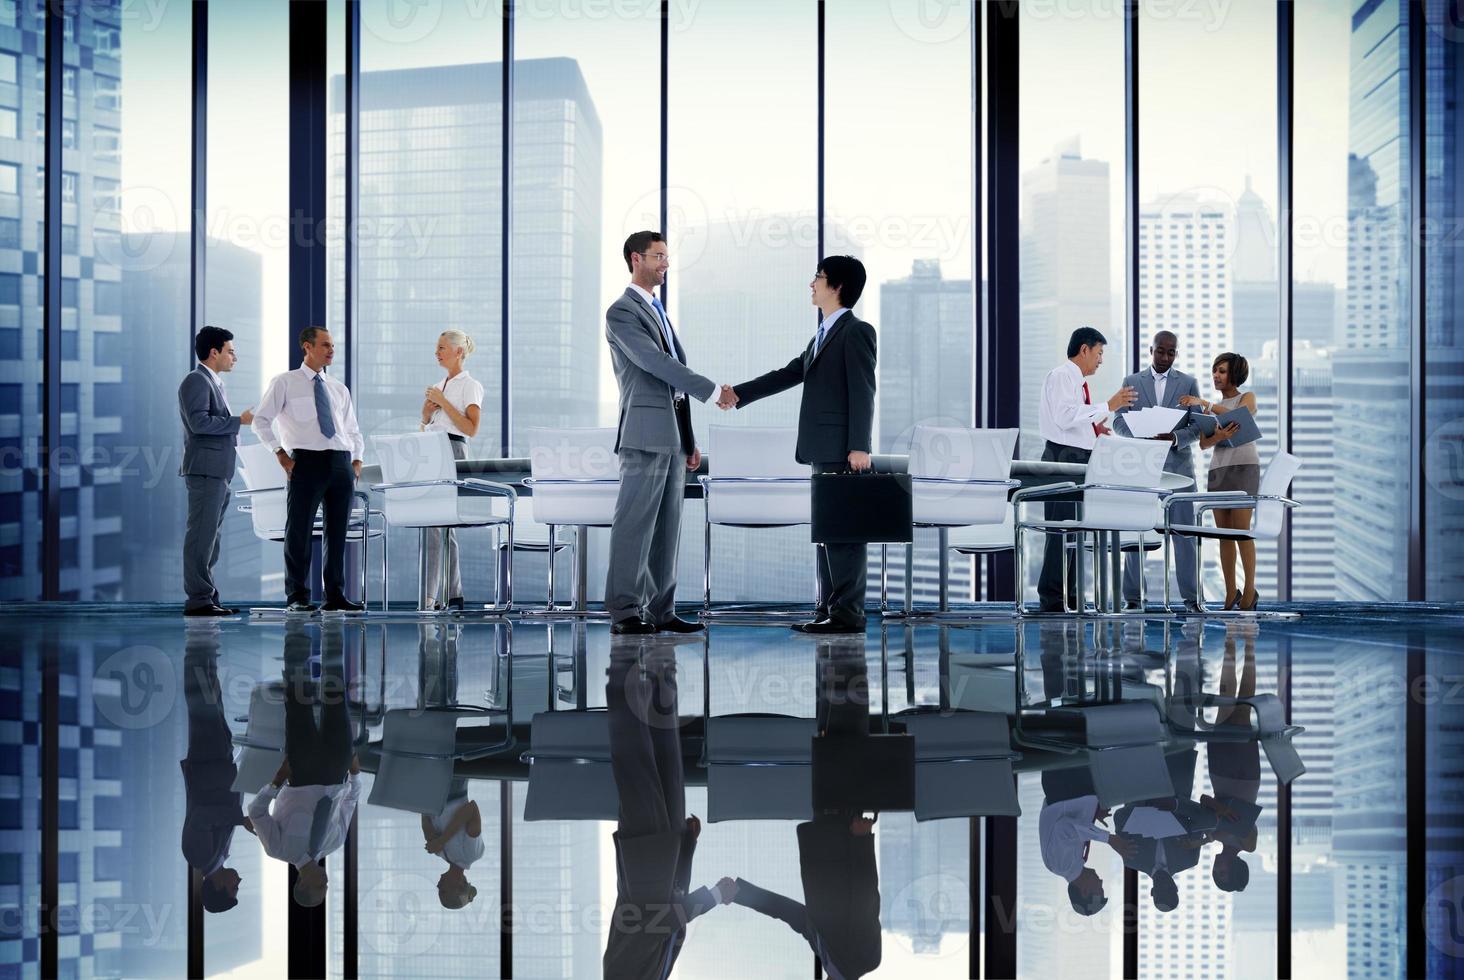 Conferencia de gente de negocios reunión apretón de manos concepto global foto